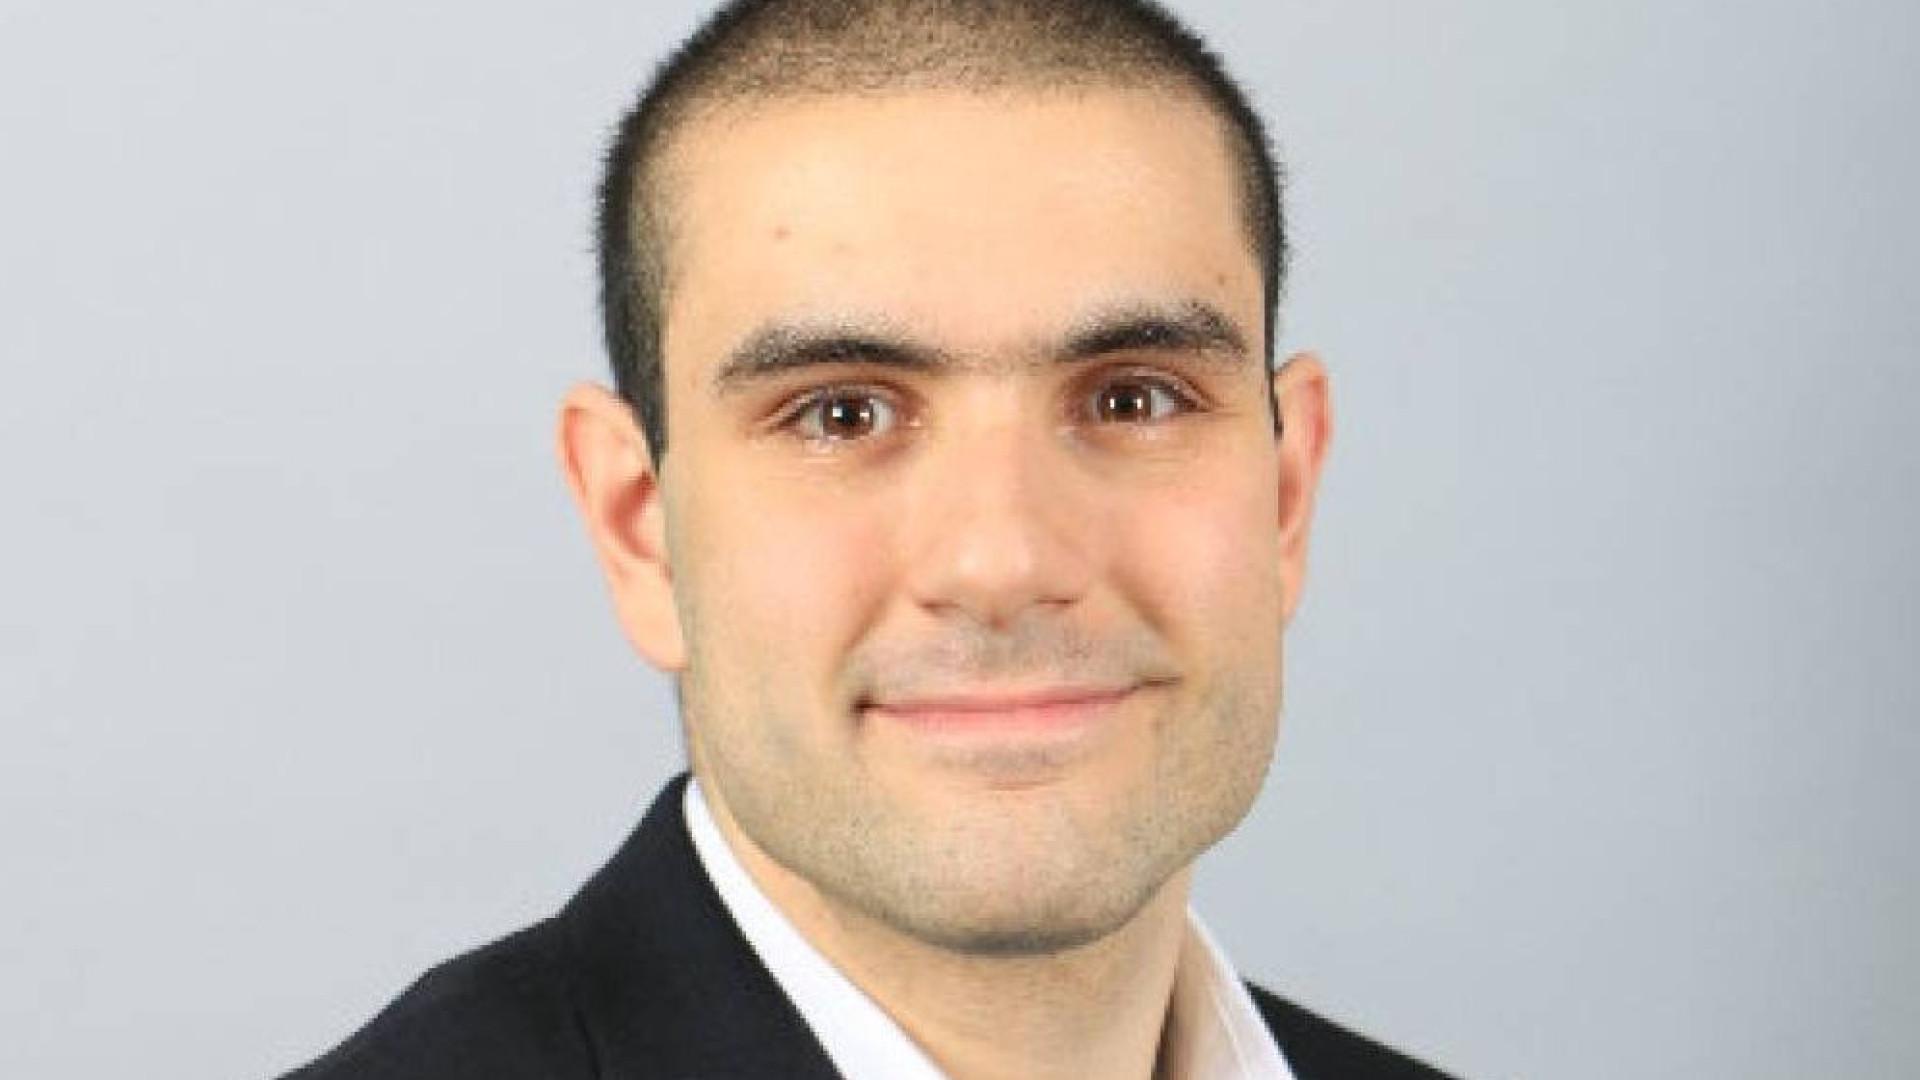 Quem é Alek Minassian, o principal suspeito do ataque em Toronto?